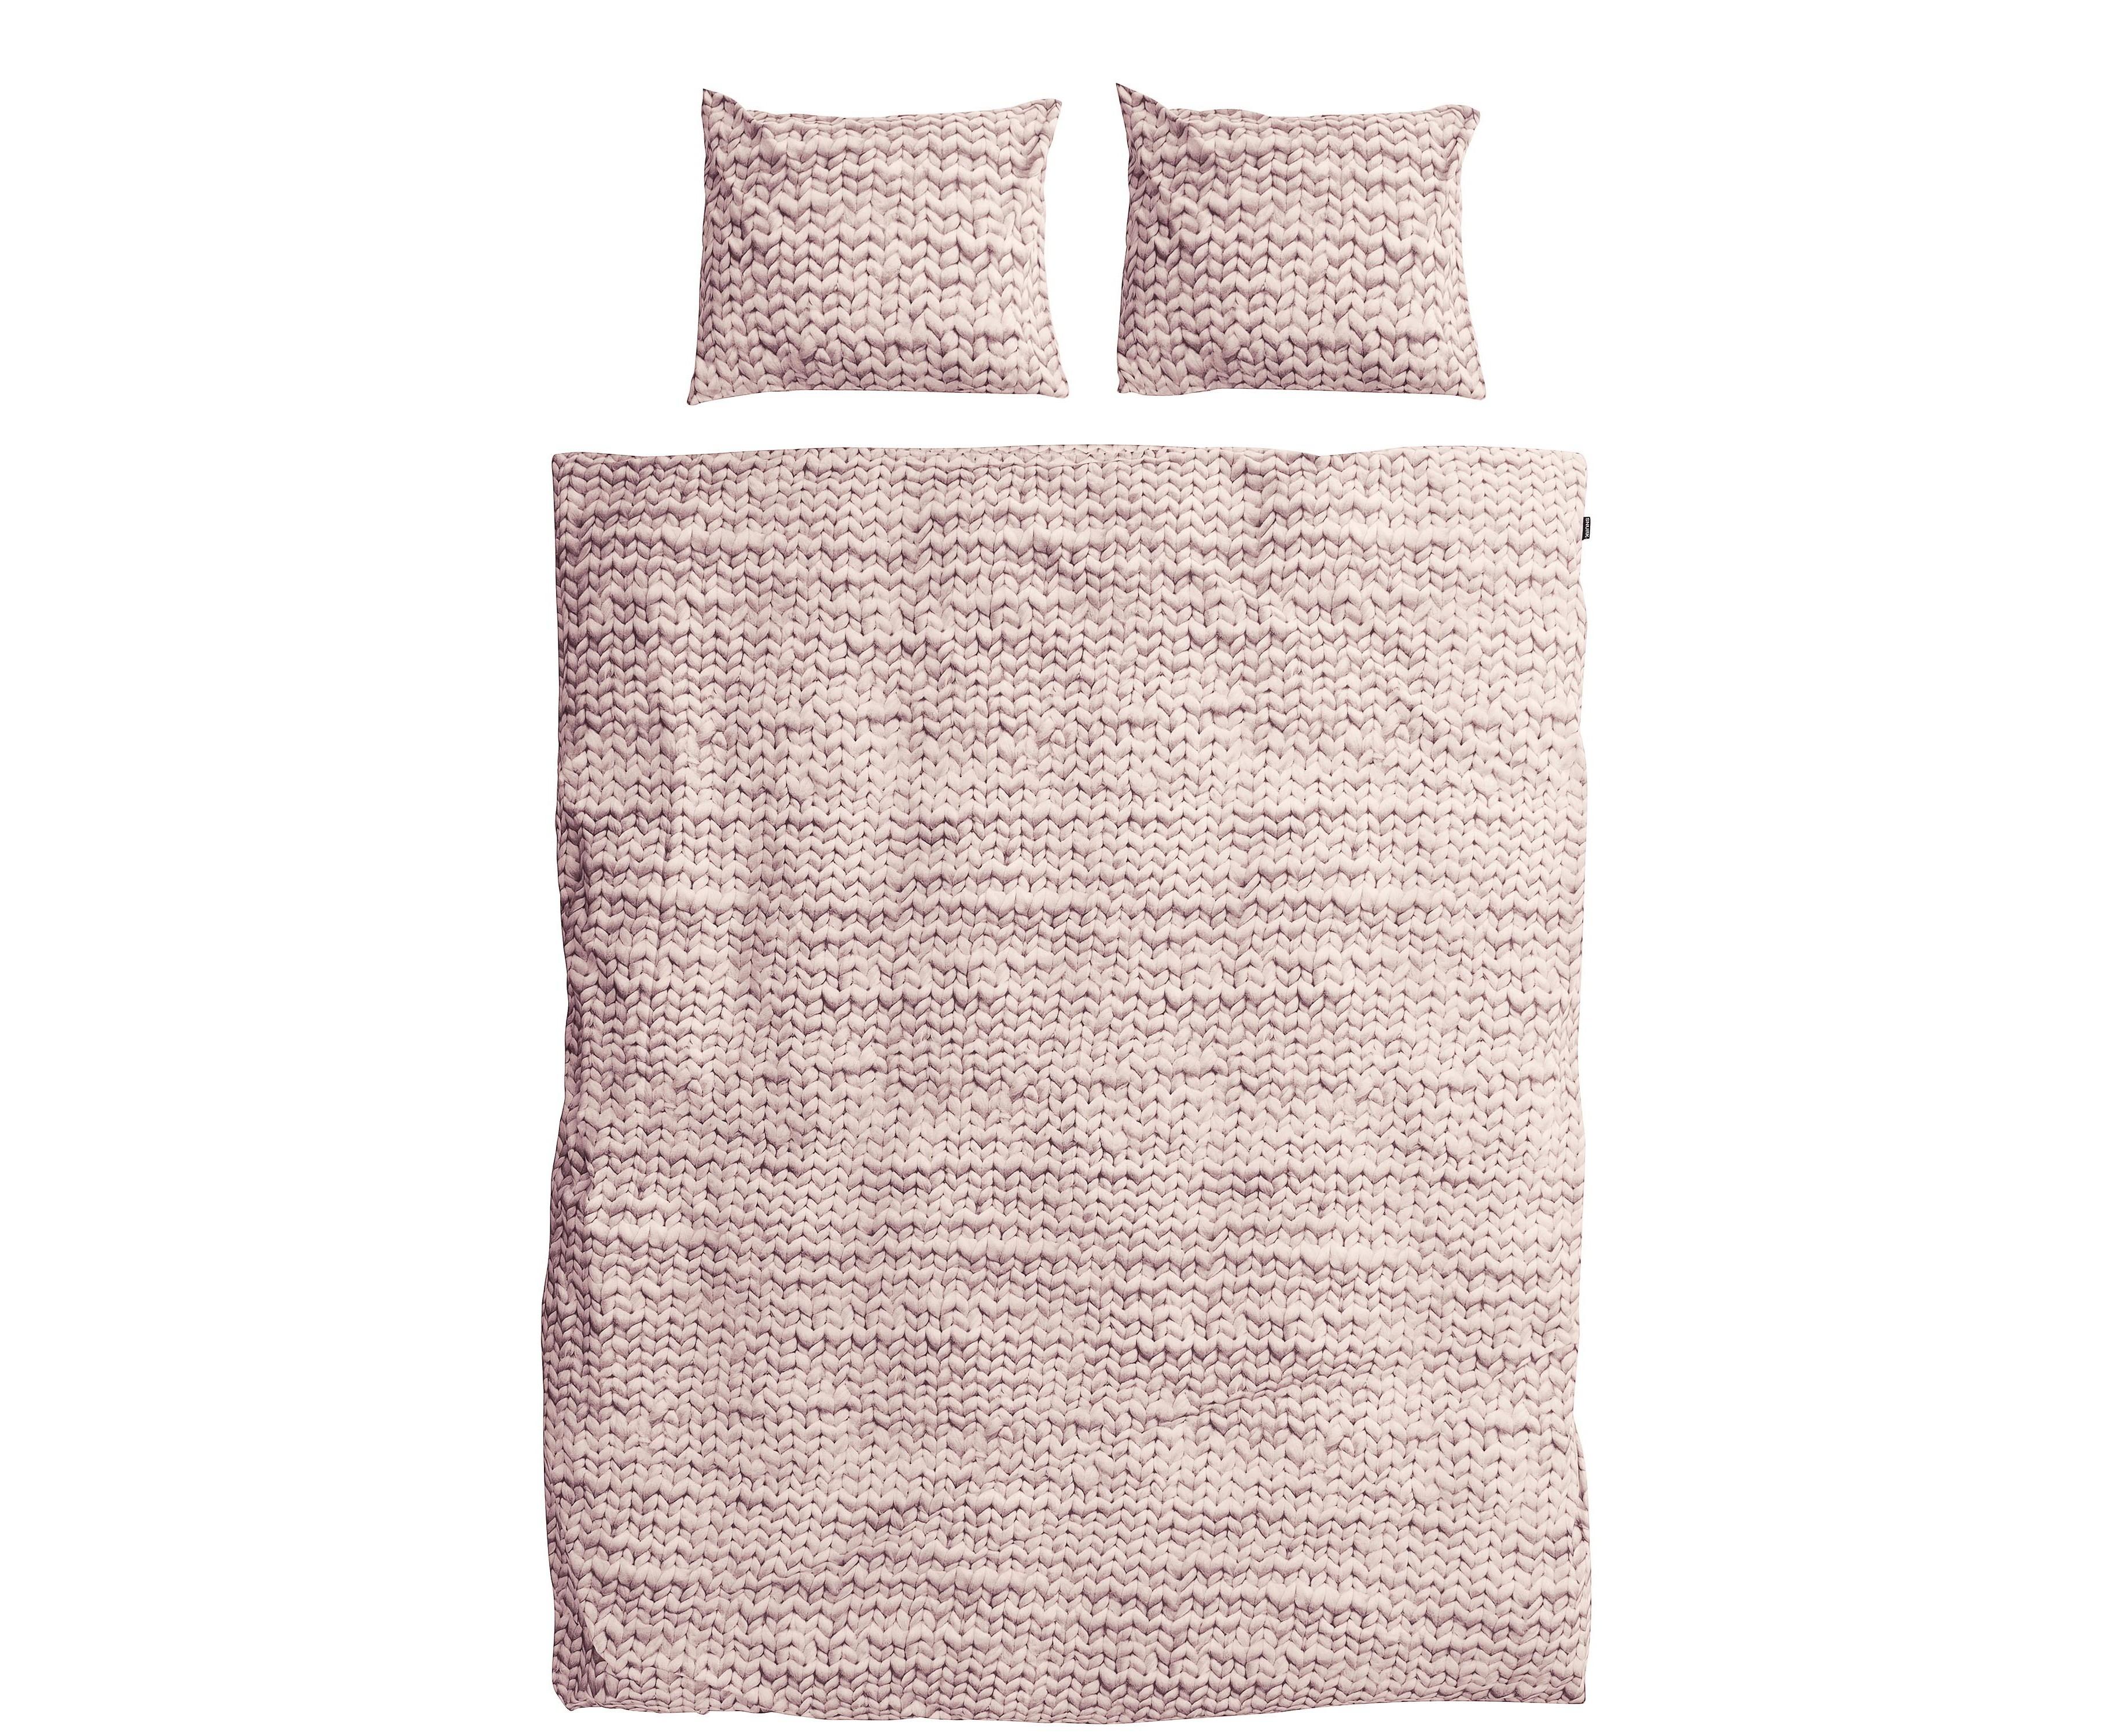 Комплект постельного белья Косичка розовыйДвуспальные комплекты постельного белья<br>Этот мягкий узор связан очень большими спицами, а клубки шерсти были размером с баскетбольные мячи. Все для того, чтобы внести уют и тепло в вашу спальню в холодные зимние ночи.&amp;amp;nbsp;&amp;lt;div&amp;gt;&amp;lt;br&amp;gt;&amp;lt;/div&amp;gt;&amp;lt;div&amp;gt;Материал: 100% хлопок ПЕРКАЛЬ (плотность ткани 214г/м2).&amp;amp;nbsp;&amp;lt;div&amp;gt;&amp;lt;span style=&amp;quot;line-height: 1.78571;&amp;quot;&amp;gt;В комплект входит: пододеяльник 200х220см - 1 шт, наволочка 50х70см - 2 шт.&amp;lt;/span&amp;gt;&amp;lt;br&amp;gt;&amp;lt;/div&amp;gt;&amp;lt;/div&amp;gt;<br><br>Material: Хлопок<br>Length см: 220<br>Width см: 200